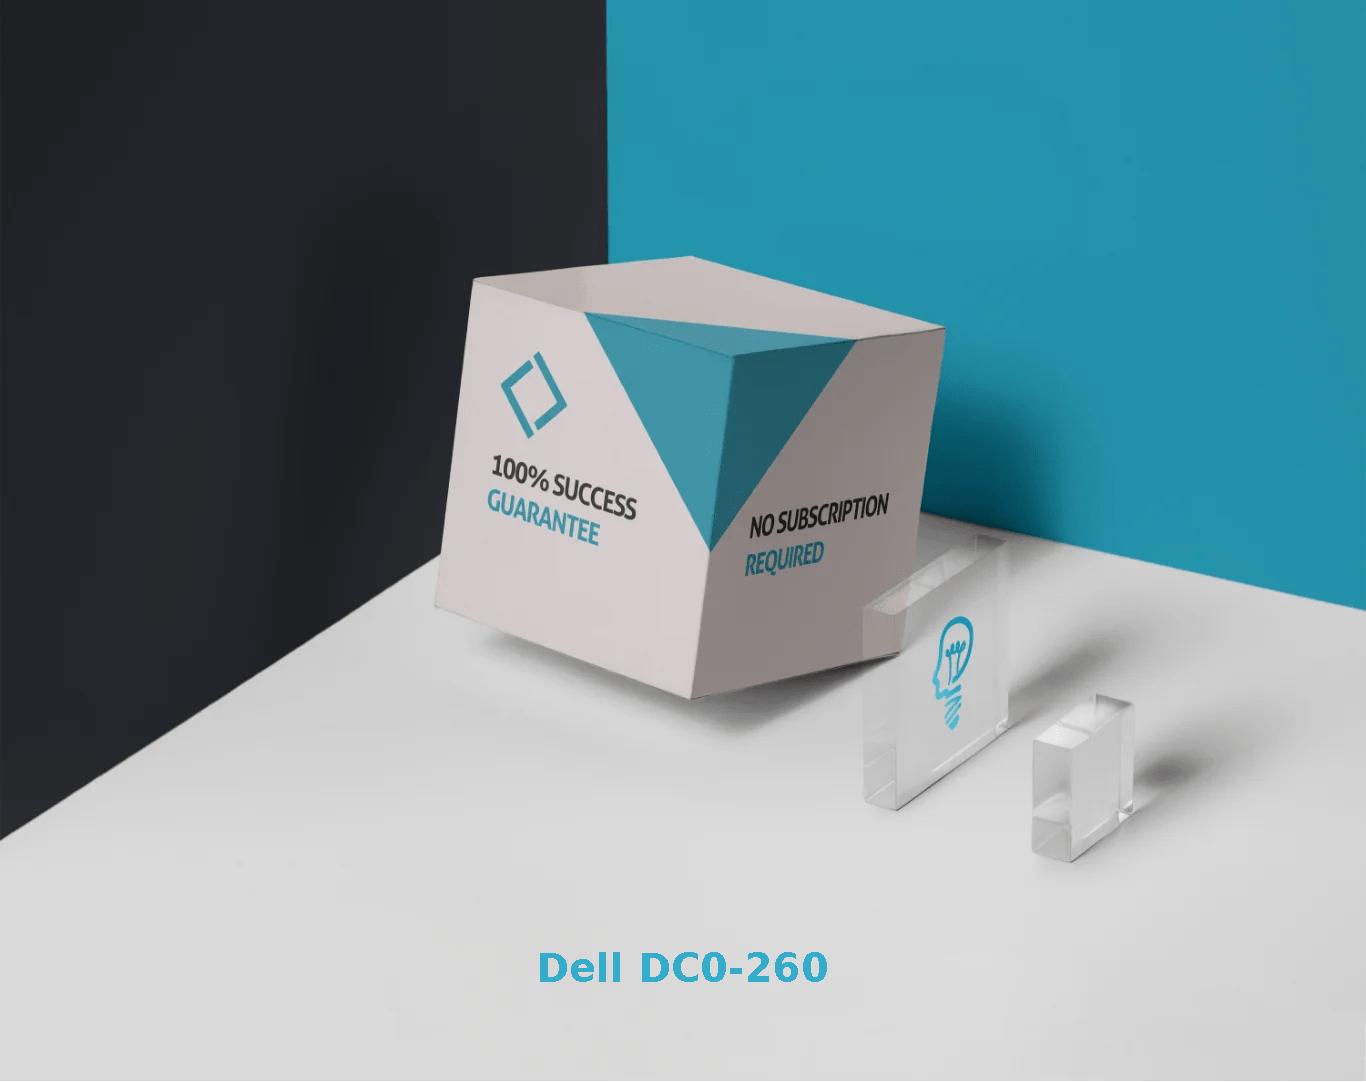 Dell DC0-260 Exams